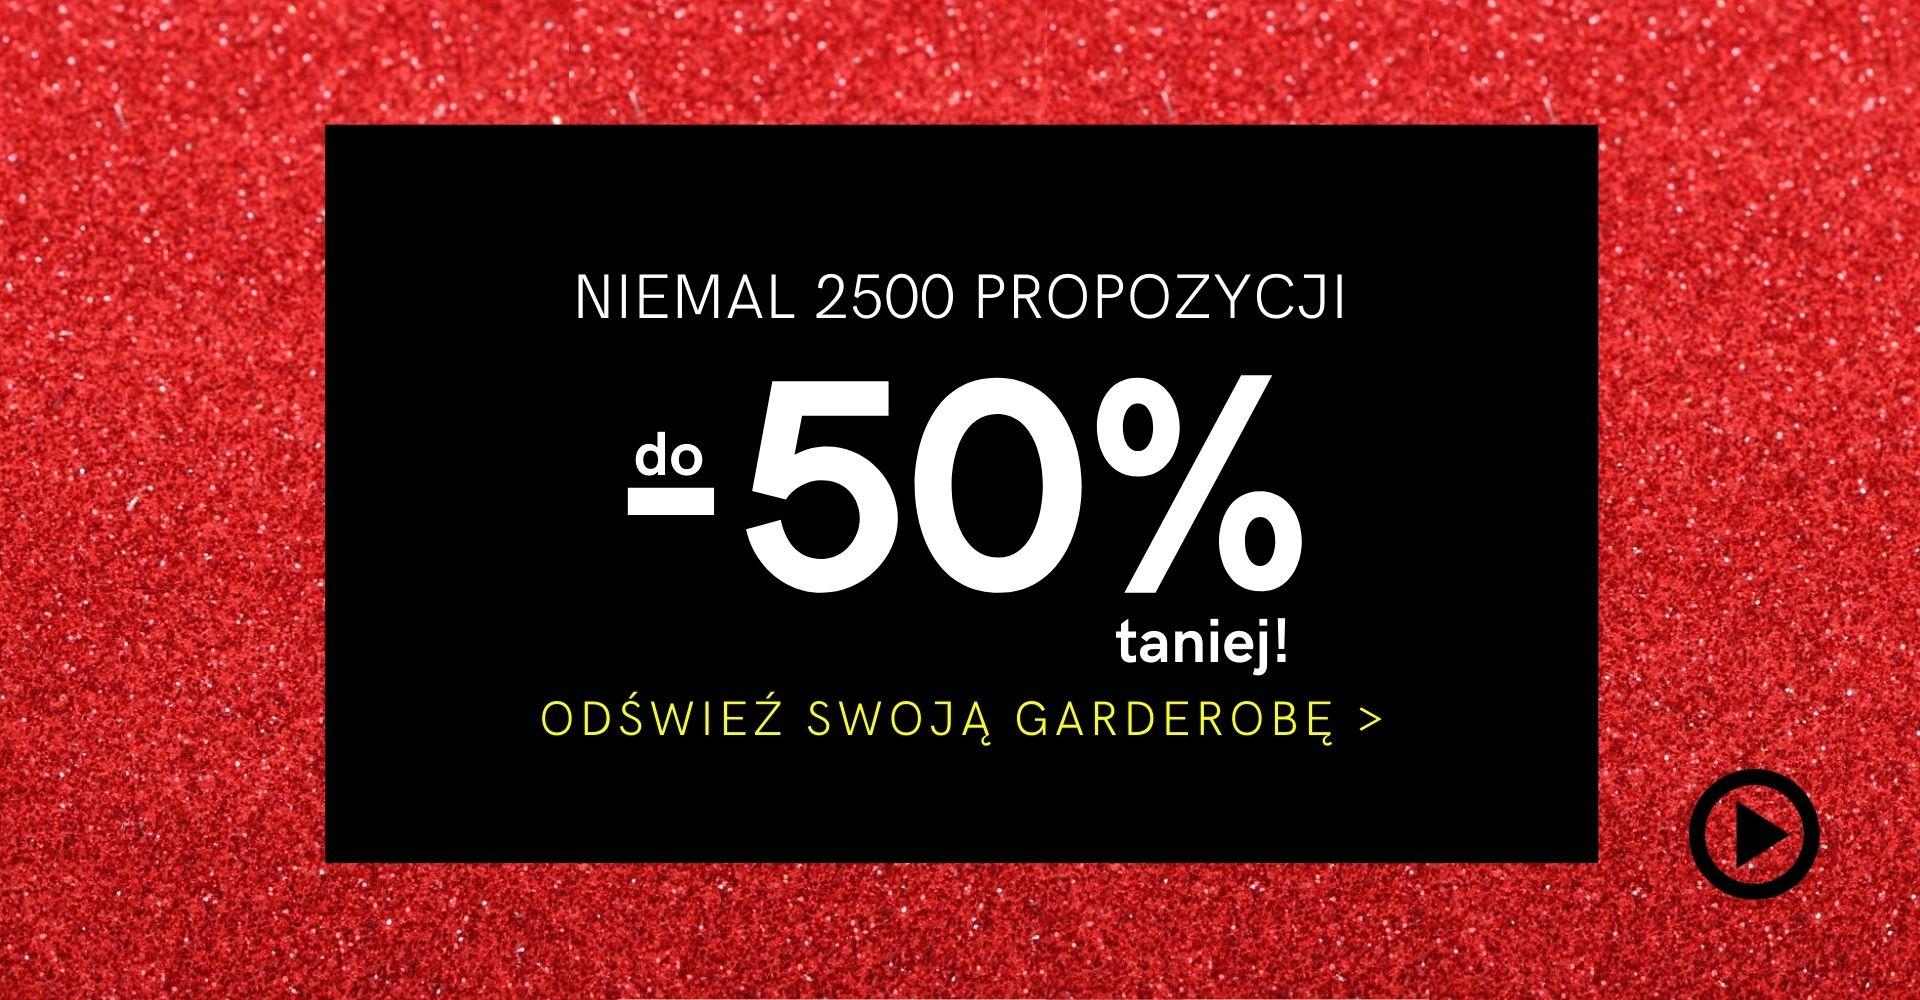 Sukienki Shop Sukienki Shop: wyprzedaż do 50% rabatu na sukienki, spódnice, swetry, bluzy i komplety